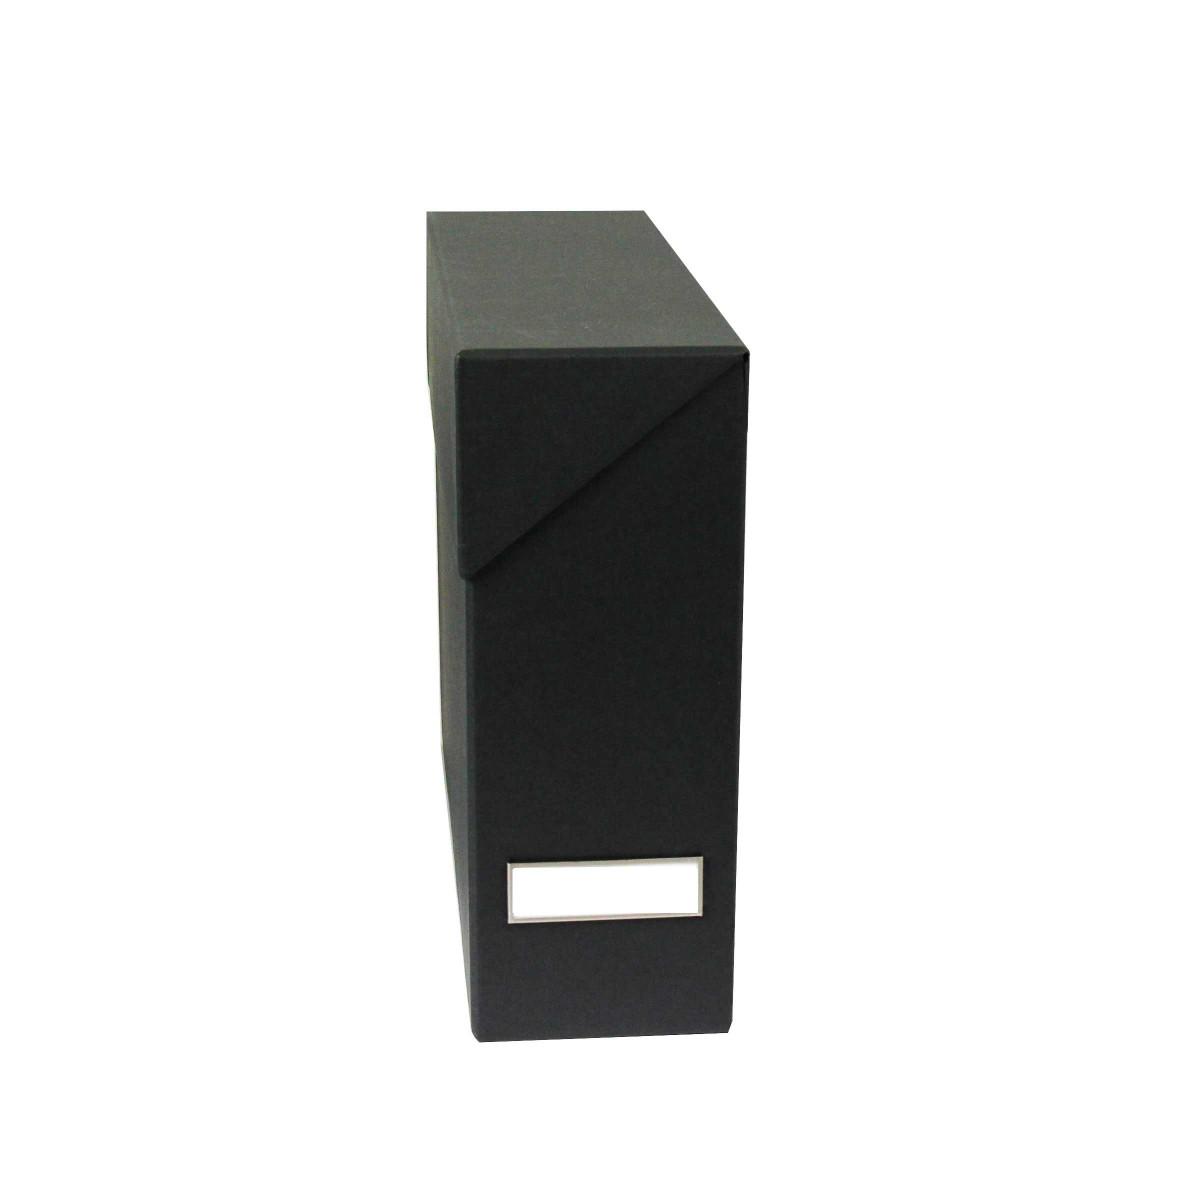 Bo te classement carton gris anthracite rangement bureau - Bureau gris anthracite ...